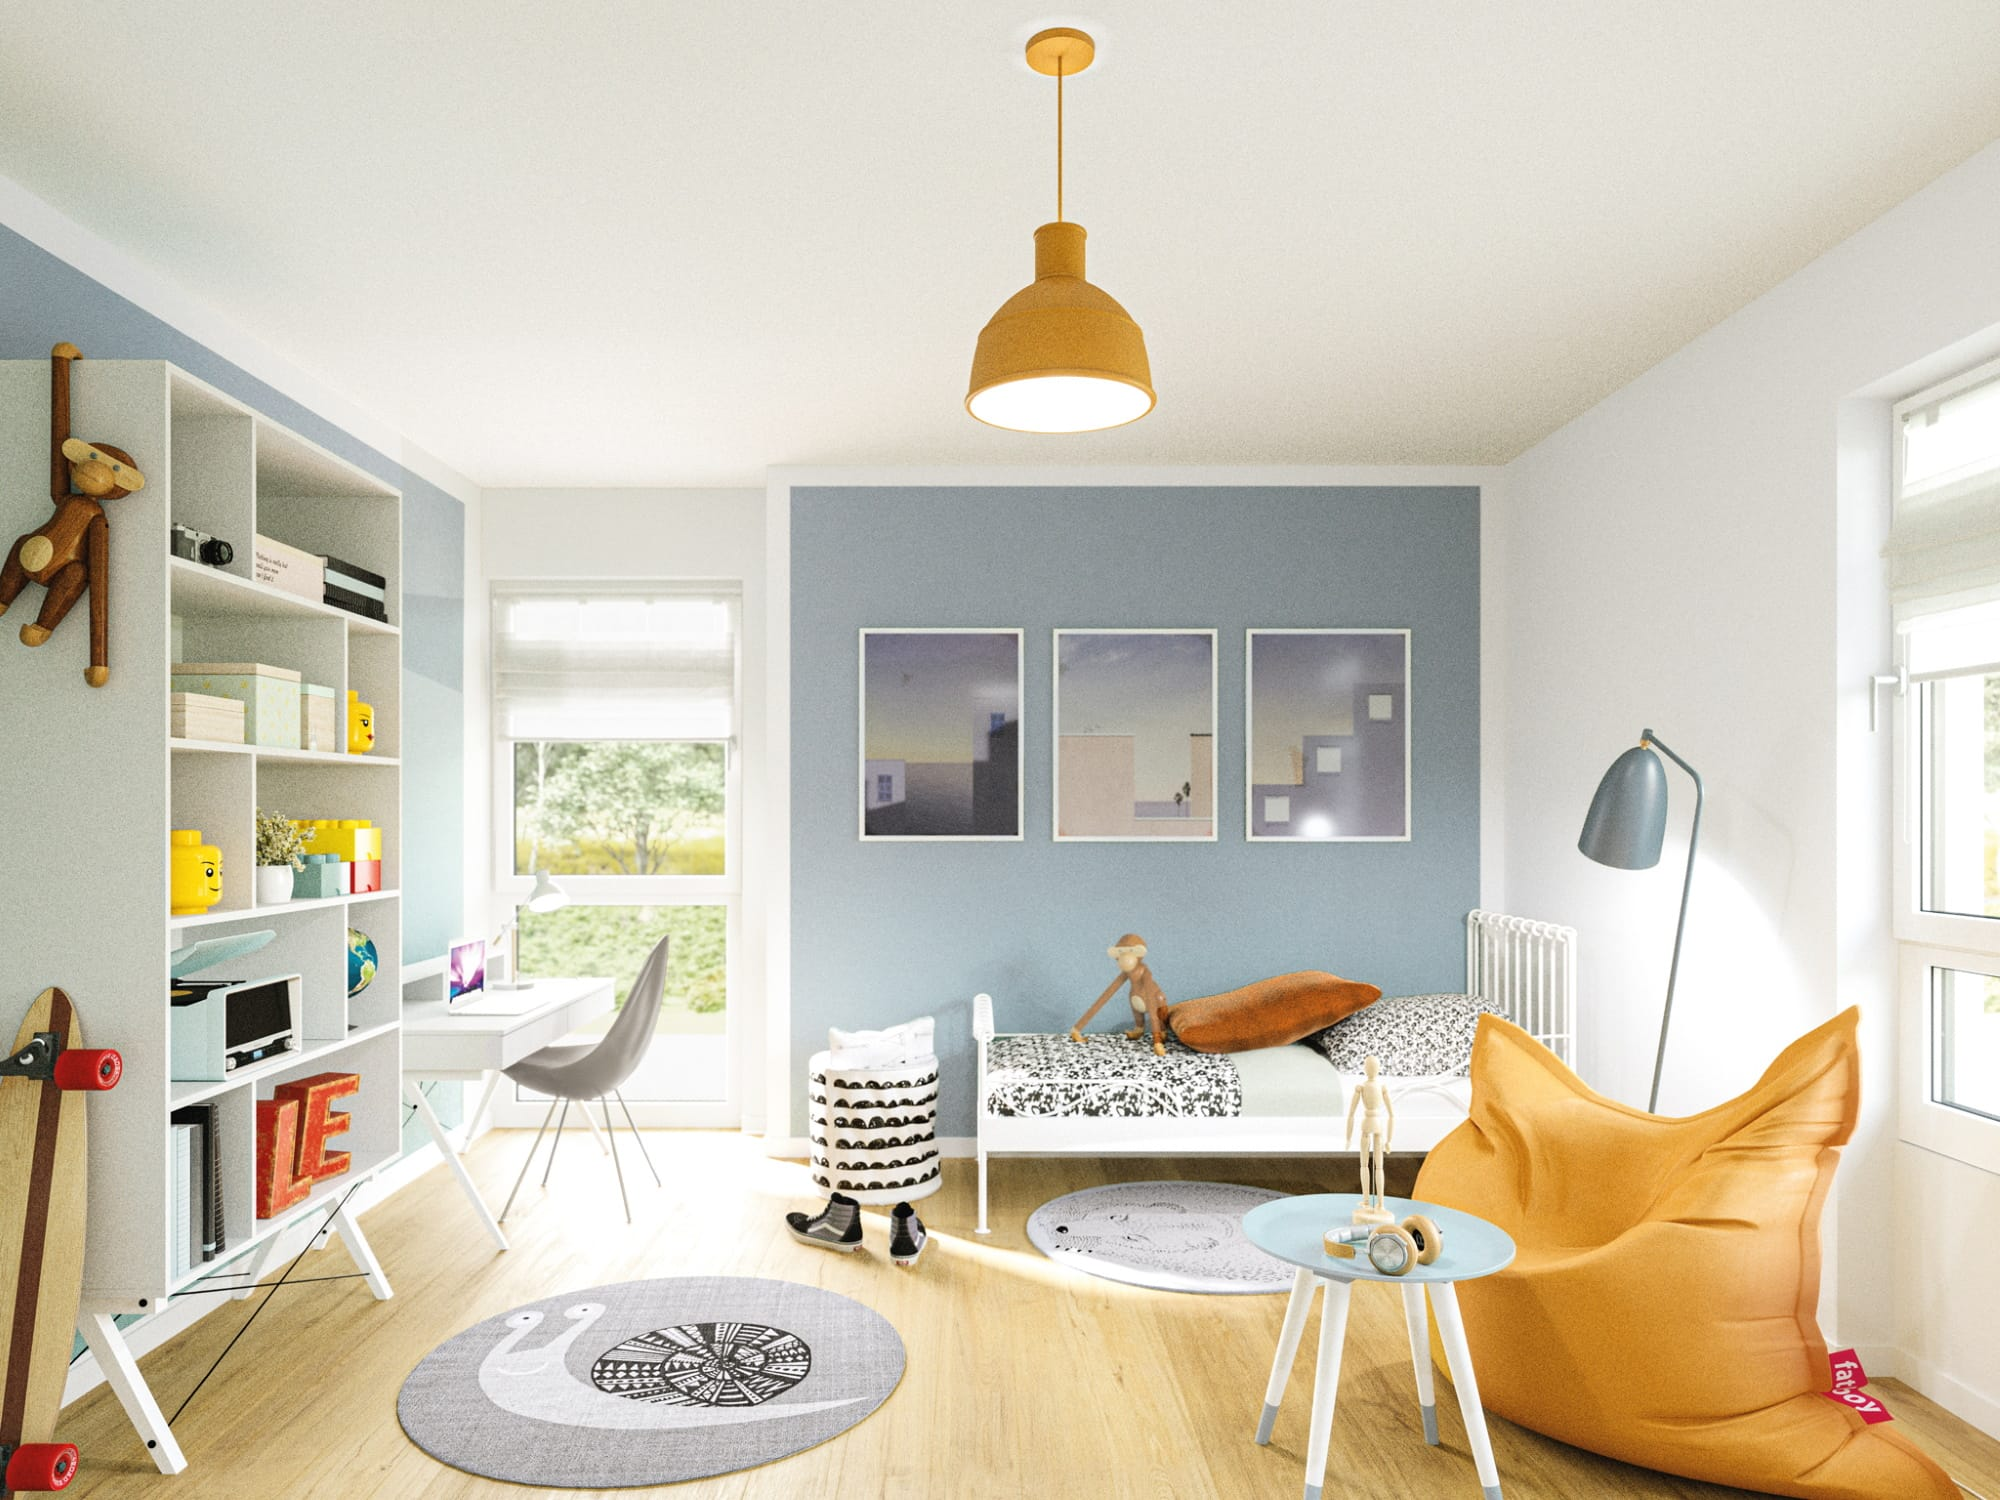 Kinderzimmer - Ideen Inneneinrichtung Haus Design Bien Zenker Fertighaus Stadtvilla EDITION 125 V5 - HausbauDirekt.de